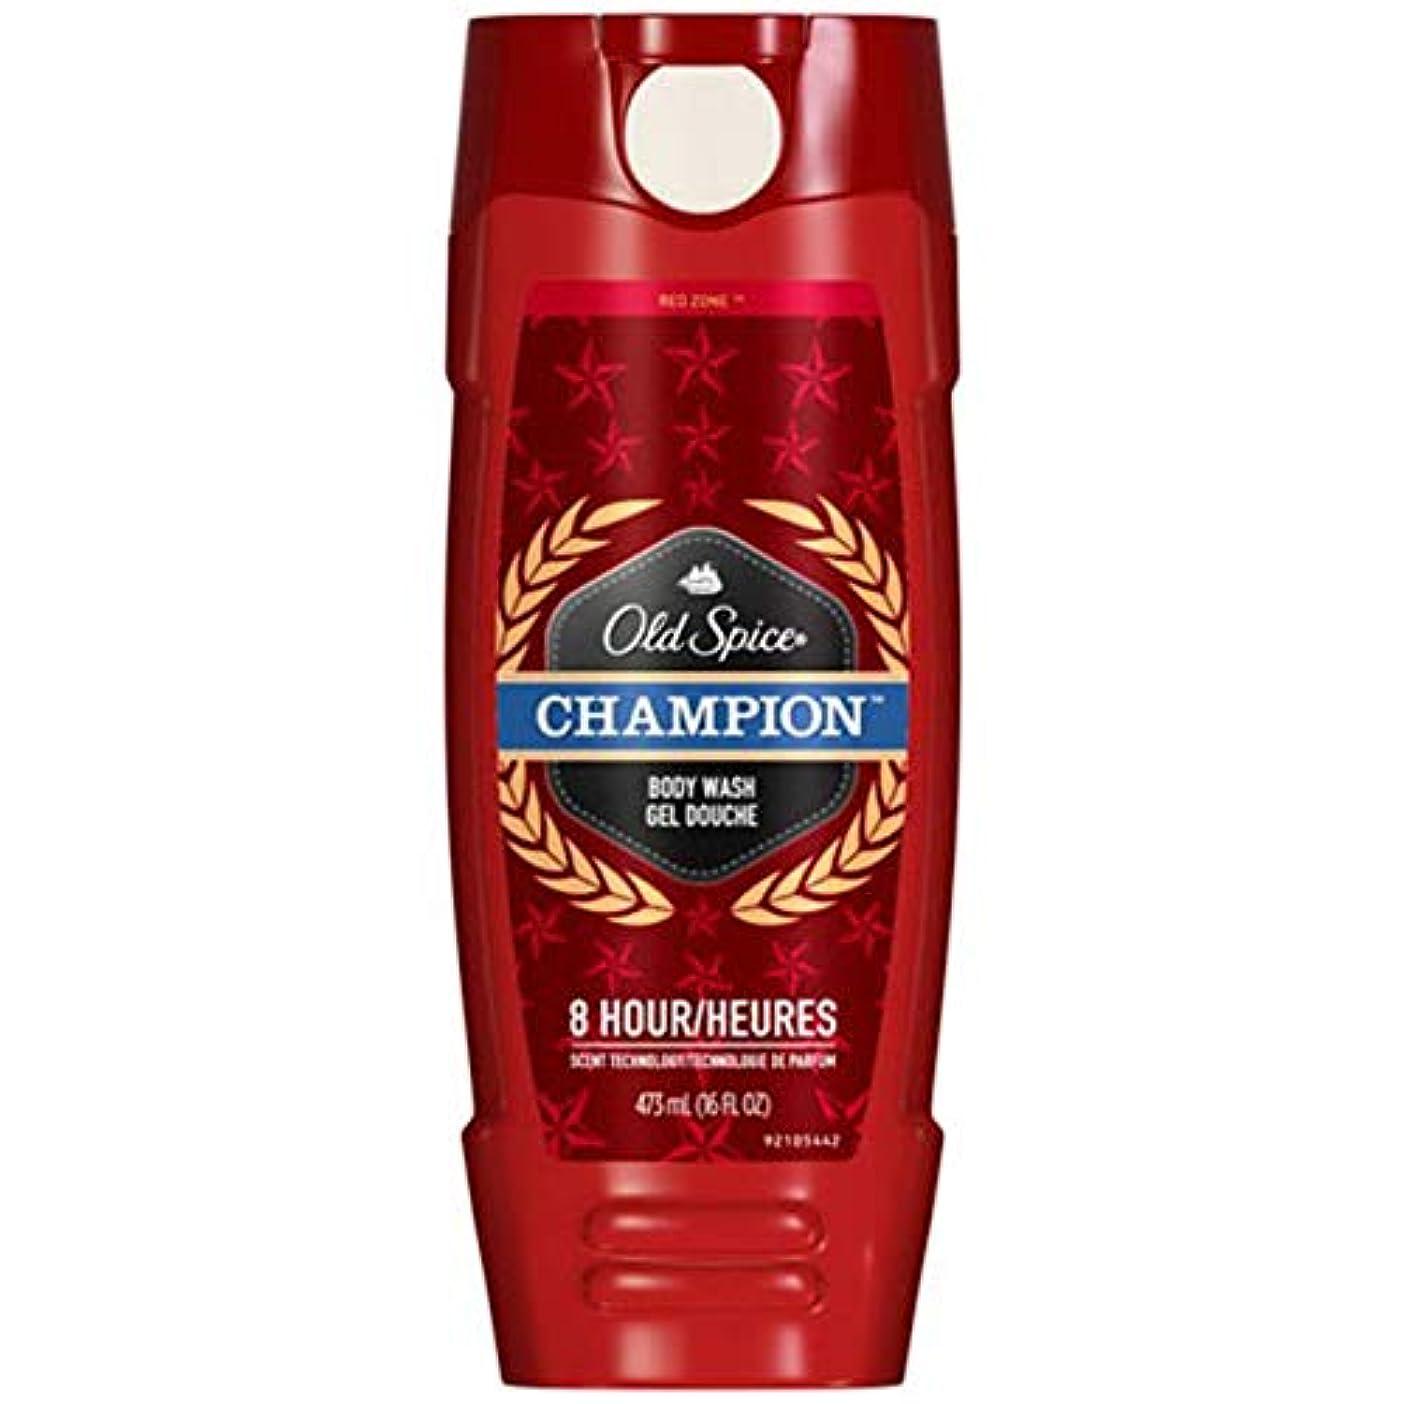 反発する本物の今Old Spice オールドスパイス ボディーウォッシュジェル Red Zone Body Wash GEL 473ml 並行輸入品 (CHAMPION/チャンピオン) [並行輸入品]